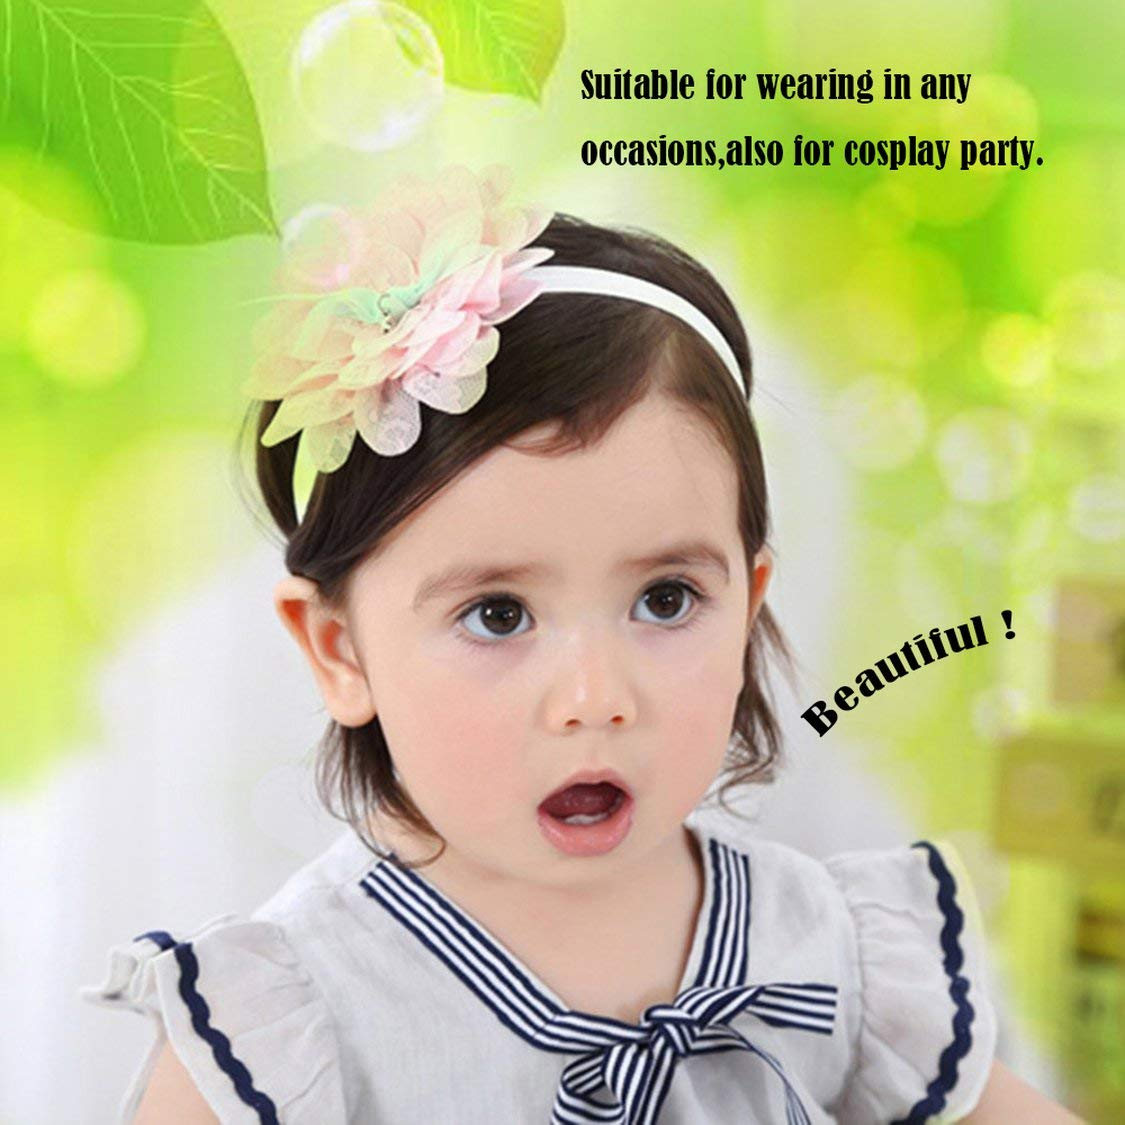 Diadema para beb/é hermosa reci/én nacida Diadema el/ástica para beb/és Tocado para ni/ños Flor de encaje Banda para el cabello Chica Accesorios para el cabello